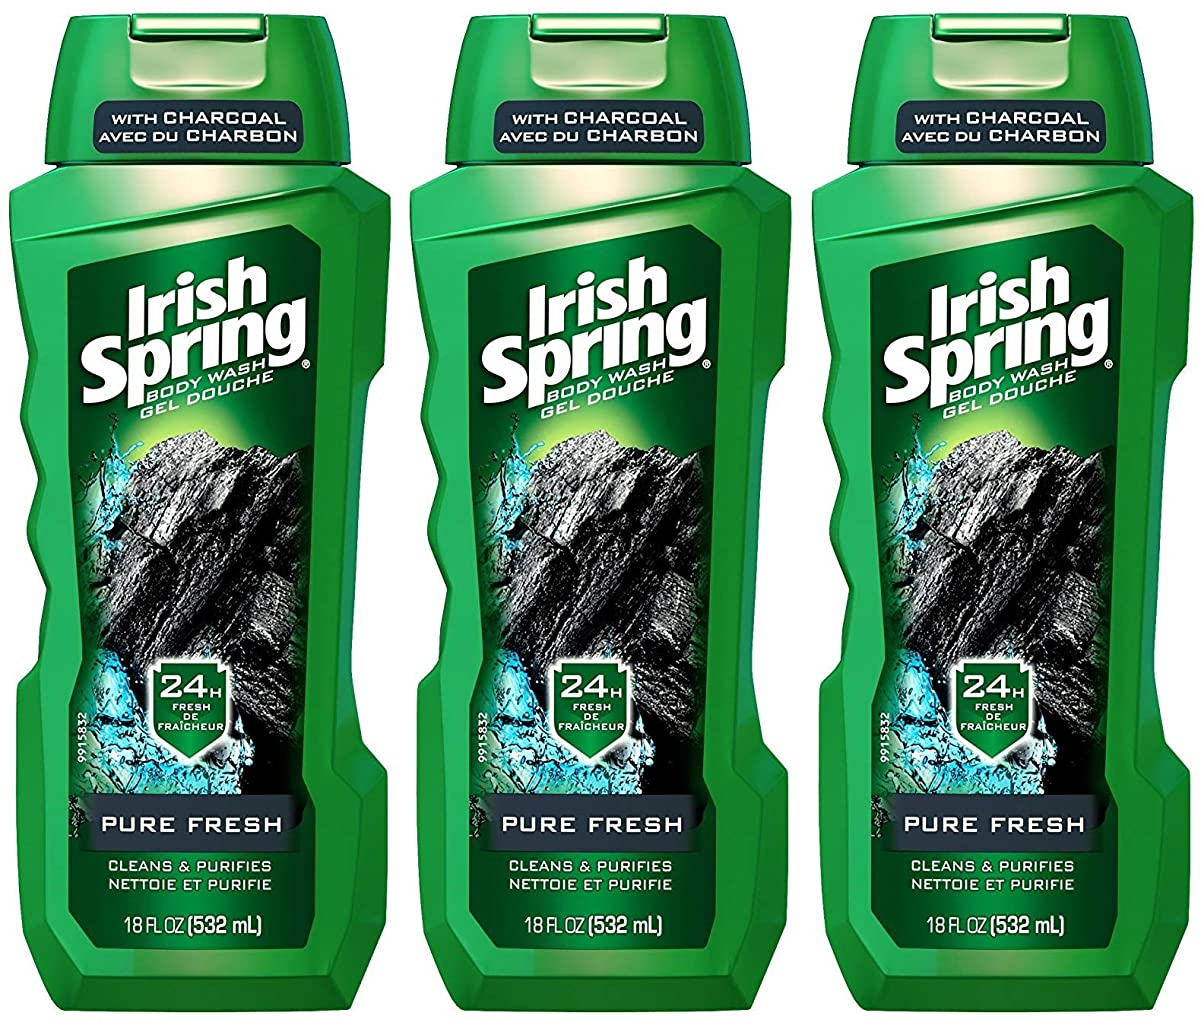 偉業スリーブモニターIrish Spring ボディウォッシュ - ピュアフレッシュ - 炭で - ネット重量。ボトルパー18液量オンス(532 ml)を - 3本のボトルのパック